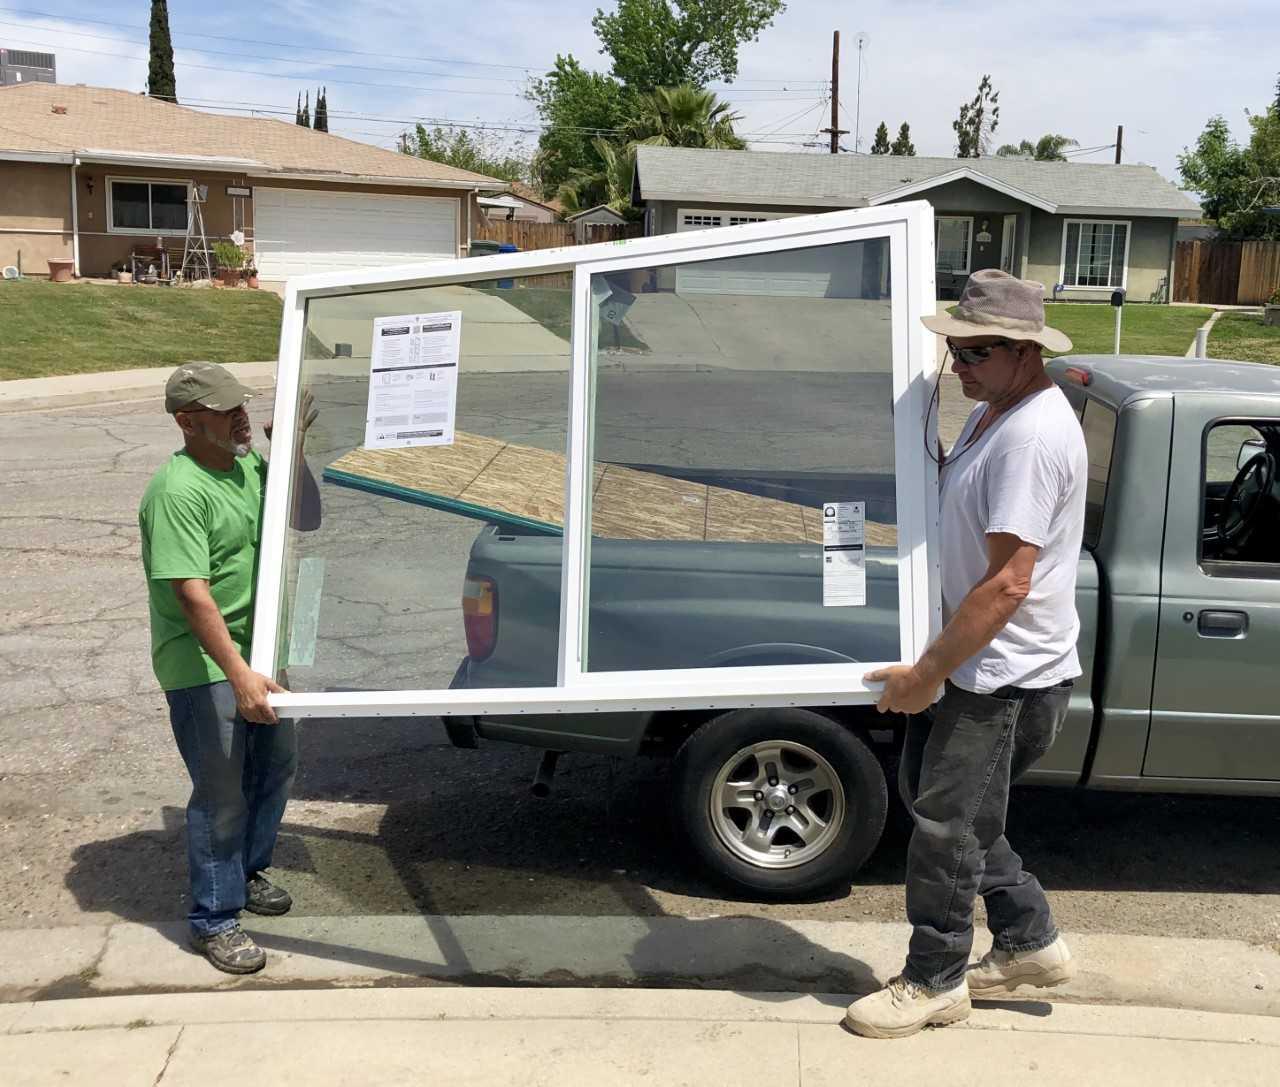 Rebuilding together Kern County remodeling homes for ...